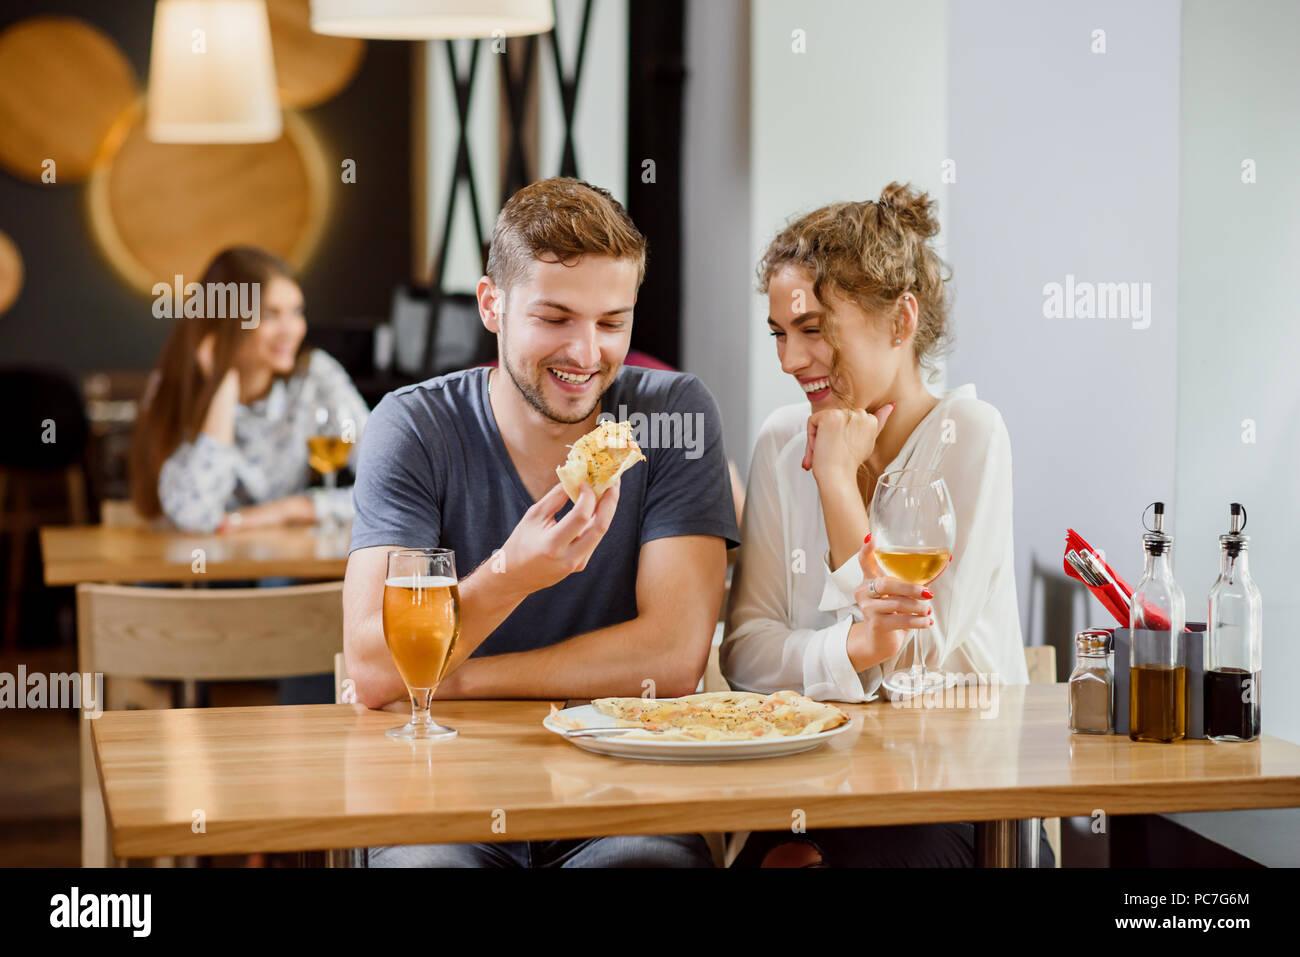 Innenraum der modernen Pizzeria. Süßes Paar sitzt in der Nähe von Tisch, lächeln und posieren. Schöne Frau mit lockigem Haar und schöner Mann essen Pizza. Pizza und Gläser Wein und Bier auf den Tisch. Stockbild